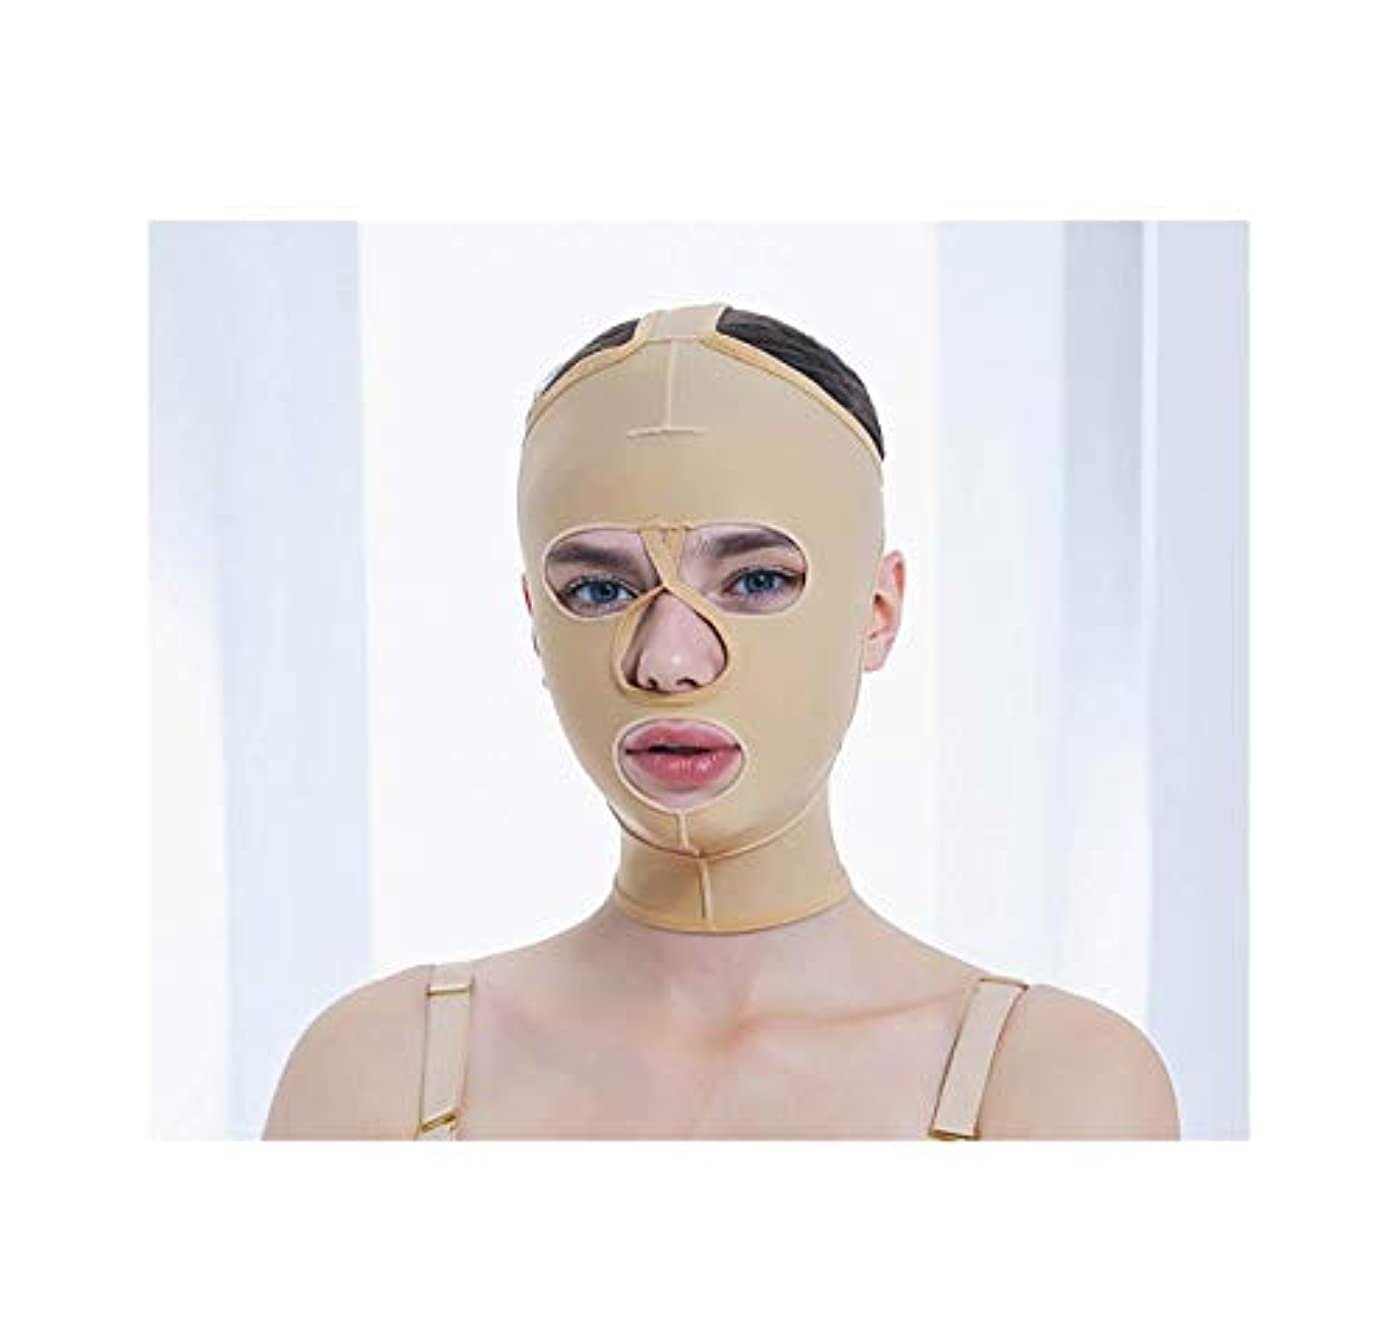 フェイス&ネックリフト、減量フェイスマスク脂肪吸引術脂肪吸引整形マスクフードフェイスリフティングアーティファクトVフェイスビームフェイス弾性スリーブ(サイズ:XS),XXL